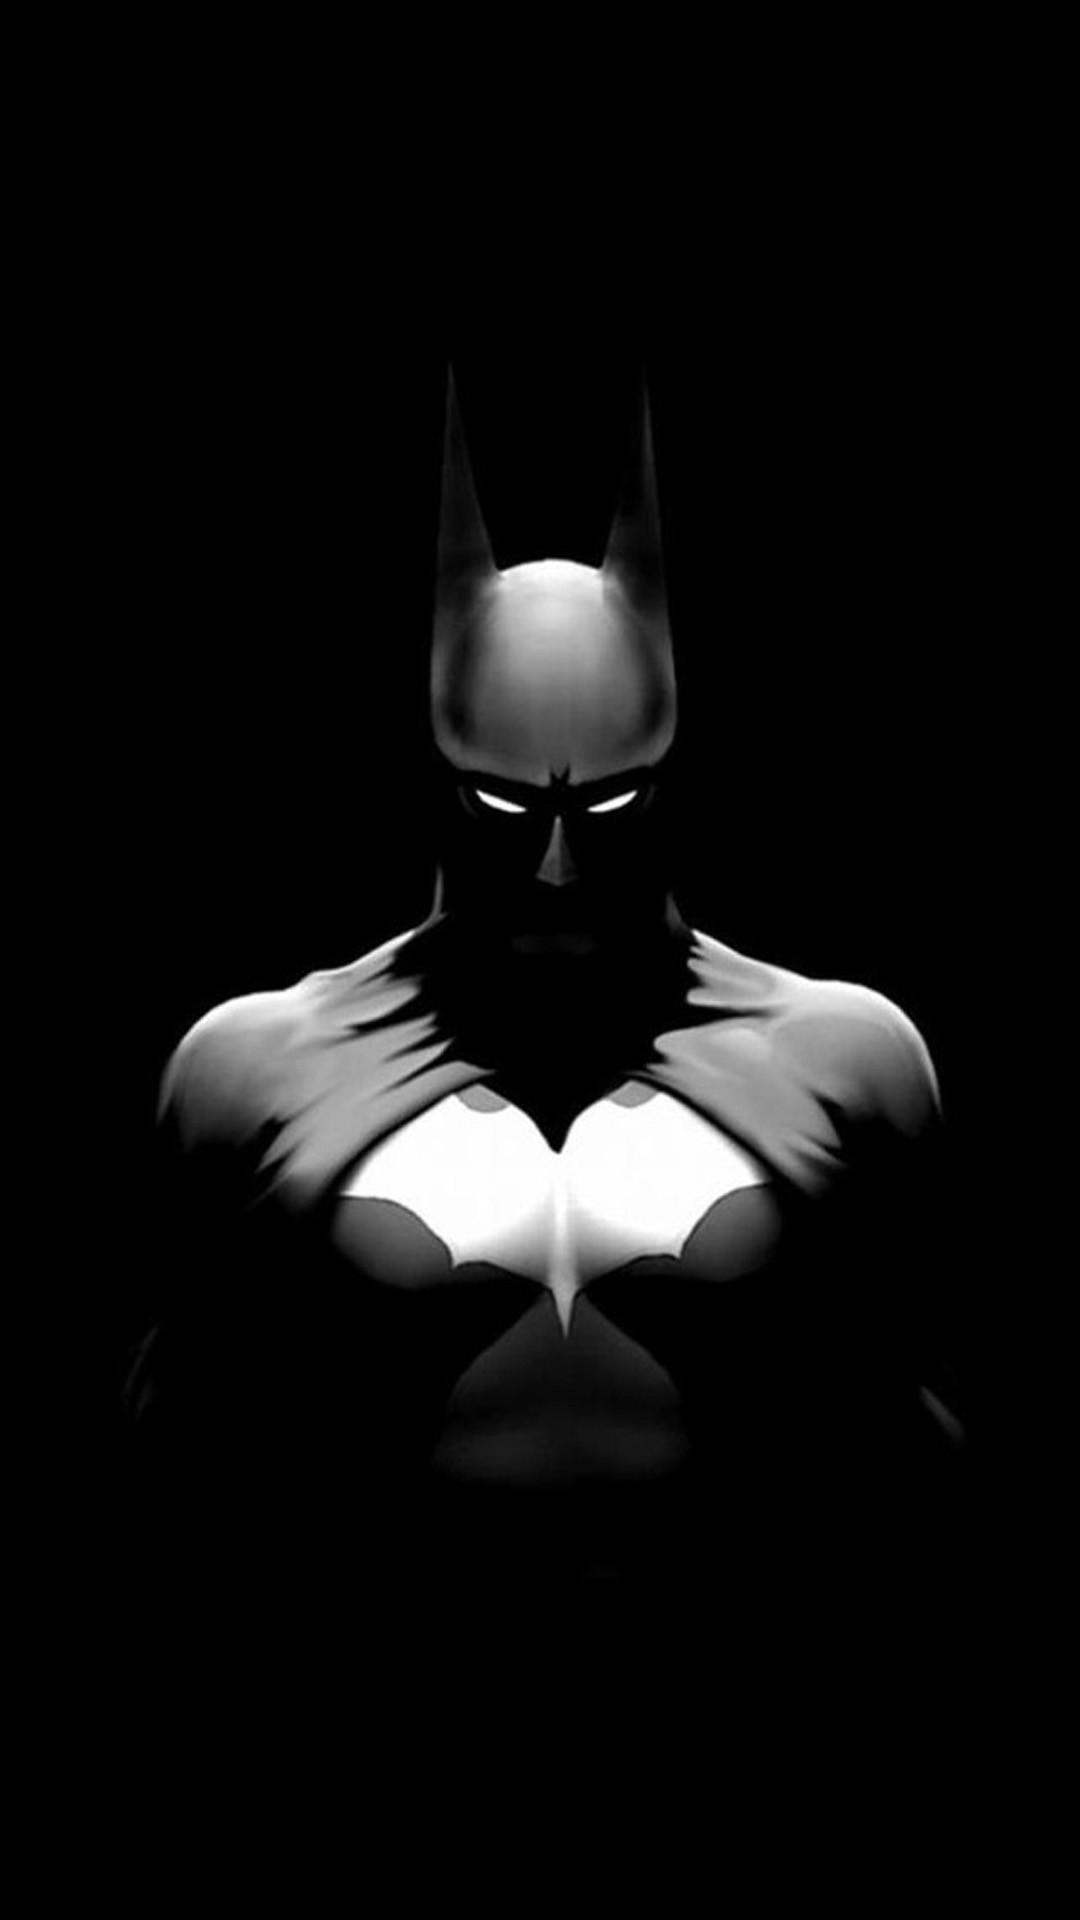 … batman in dark background iphone 8 wallpaper download iphone …